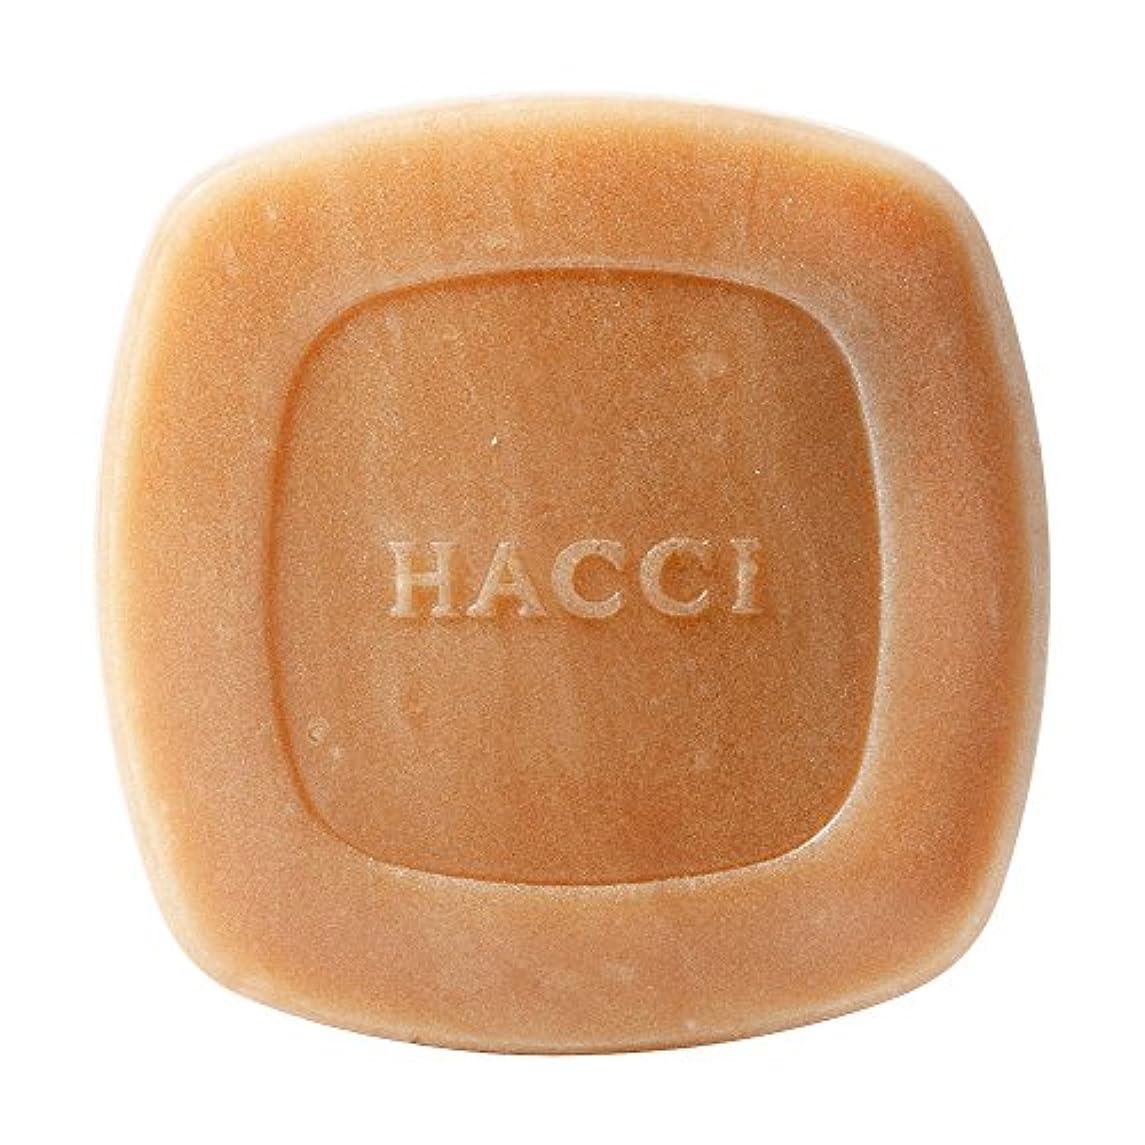 咲くタイトル者HACCI 1912(ハッチ1912) はちみつ洗顔石けん 80g